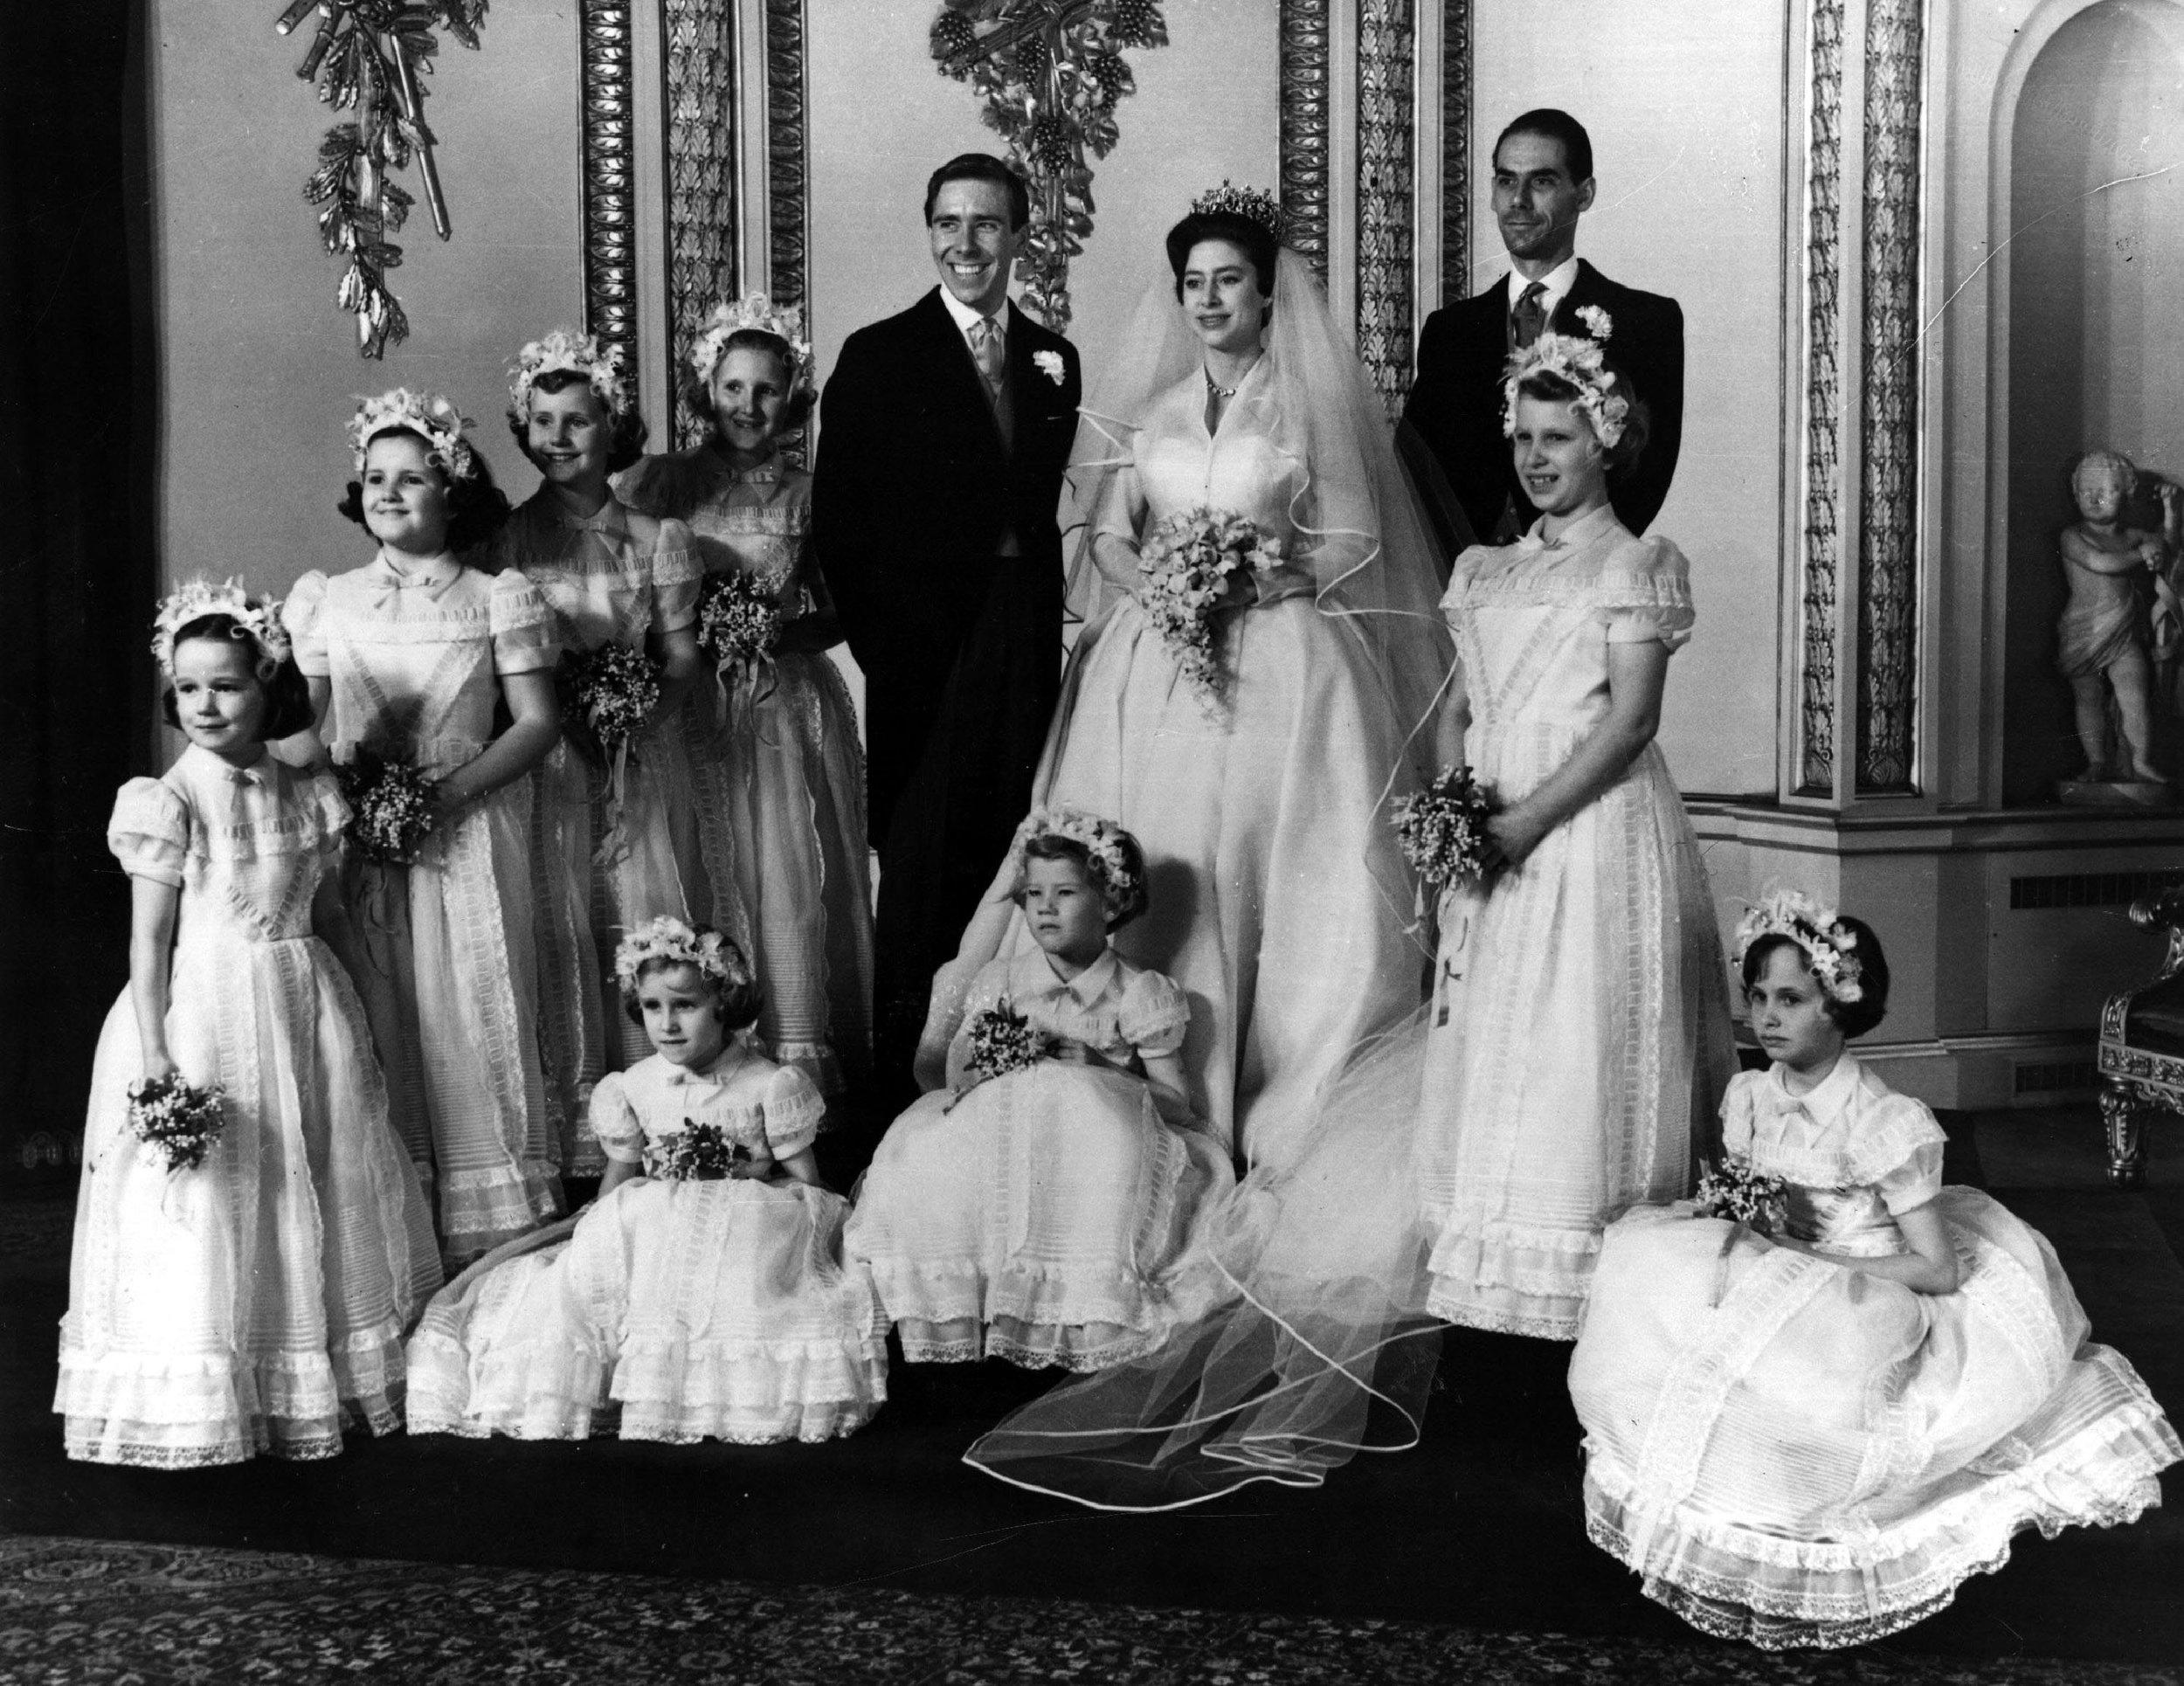 Prinzessin Margaret heiratet den Fotografen Antony Armstrong-Jones im Jahr 1960. 18 Jahre später folgt die Scheidung. Beide blieben jedoch befreundet. Foto: Getty Images